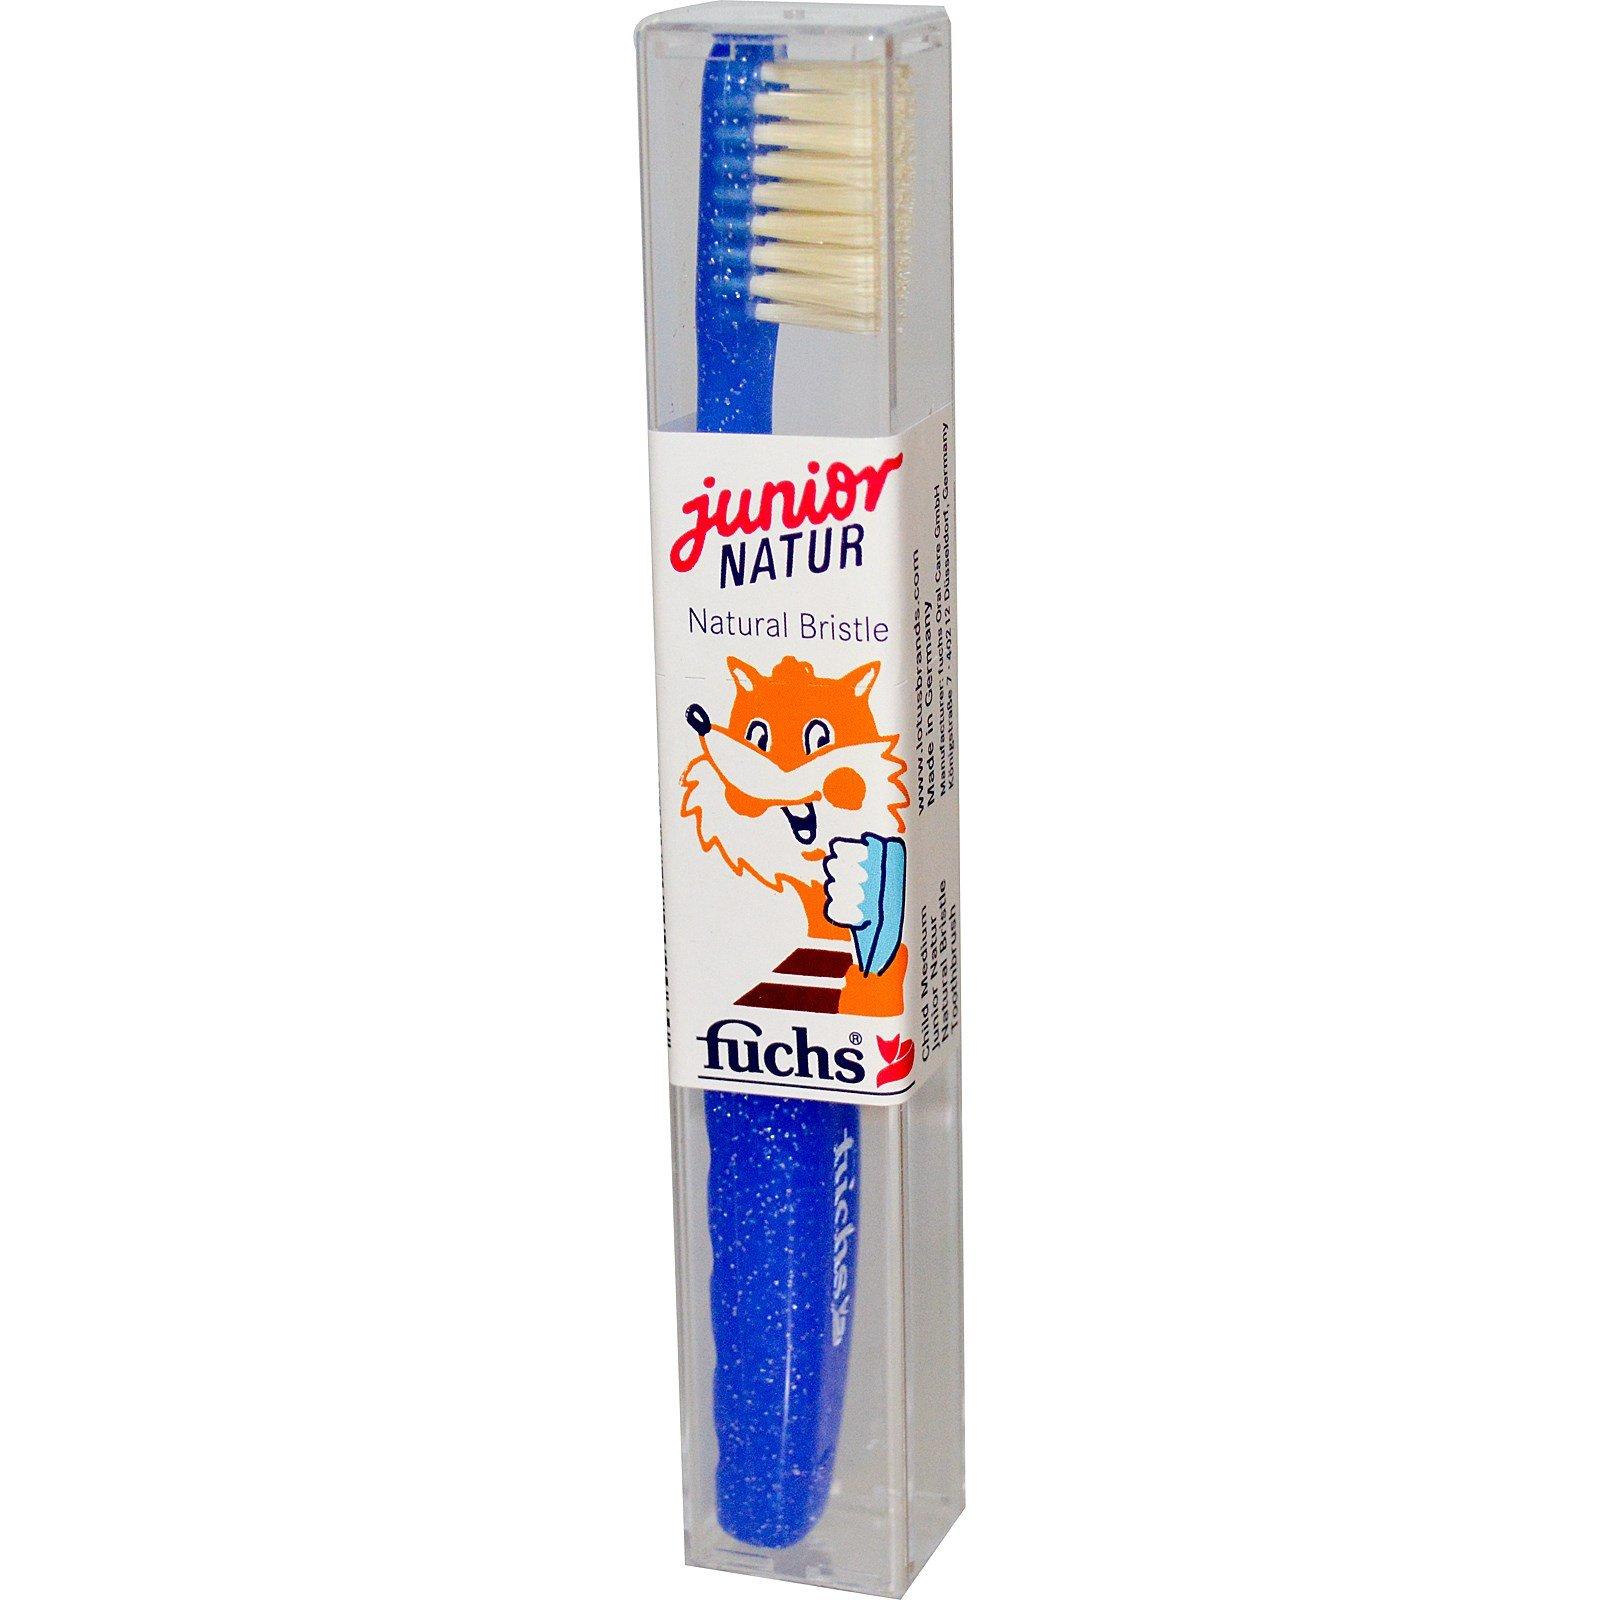 Fuchs Brushes, Junior Natur Natural Bristle Toothbrush, Child Medium, 1 Toothbrush - 3PC